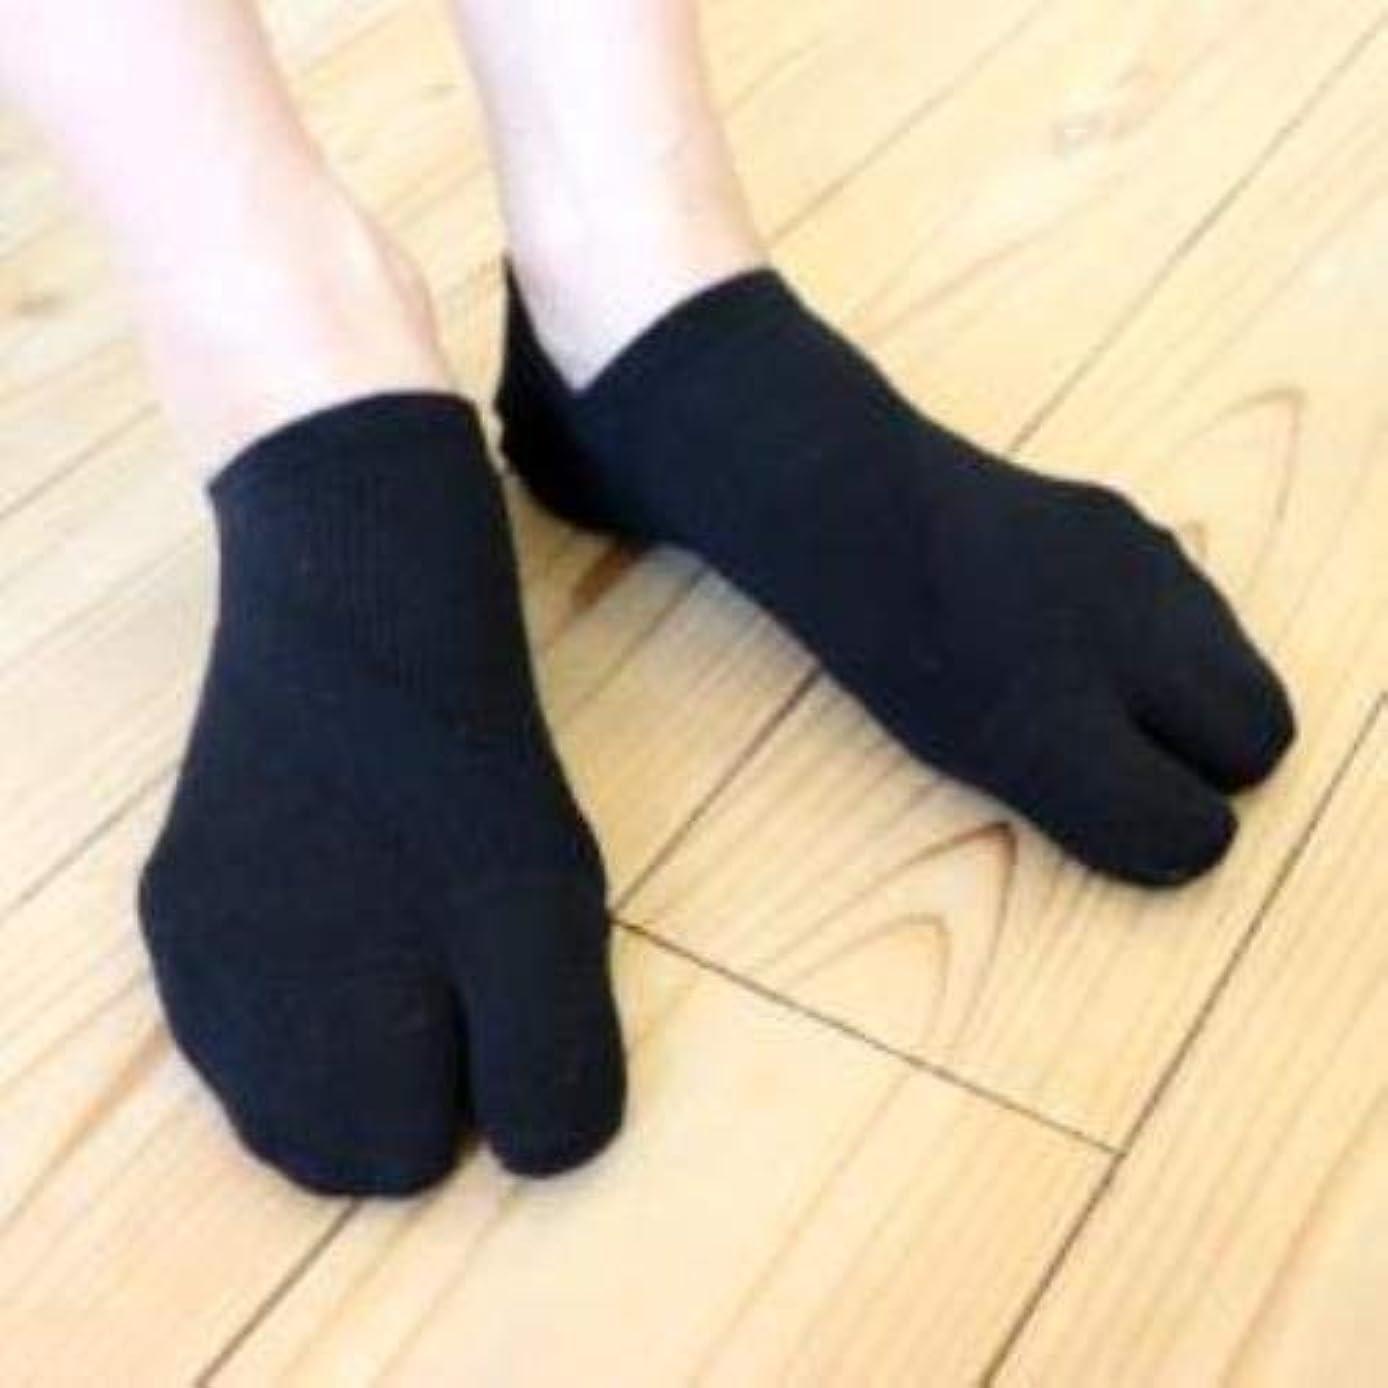 旋律的無し自己さとう式 フレクサーソックス スニーカータイプ 黒 (L) 足袋型